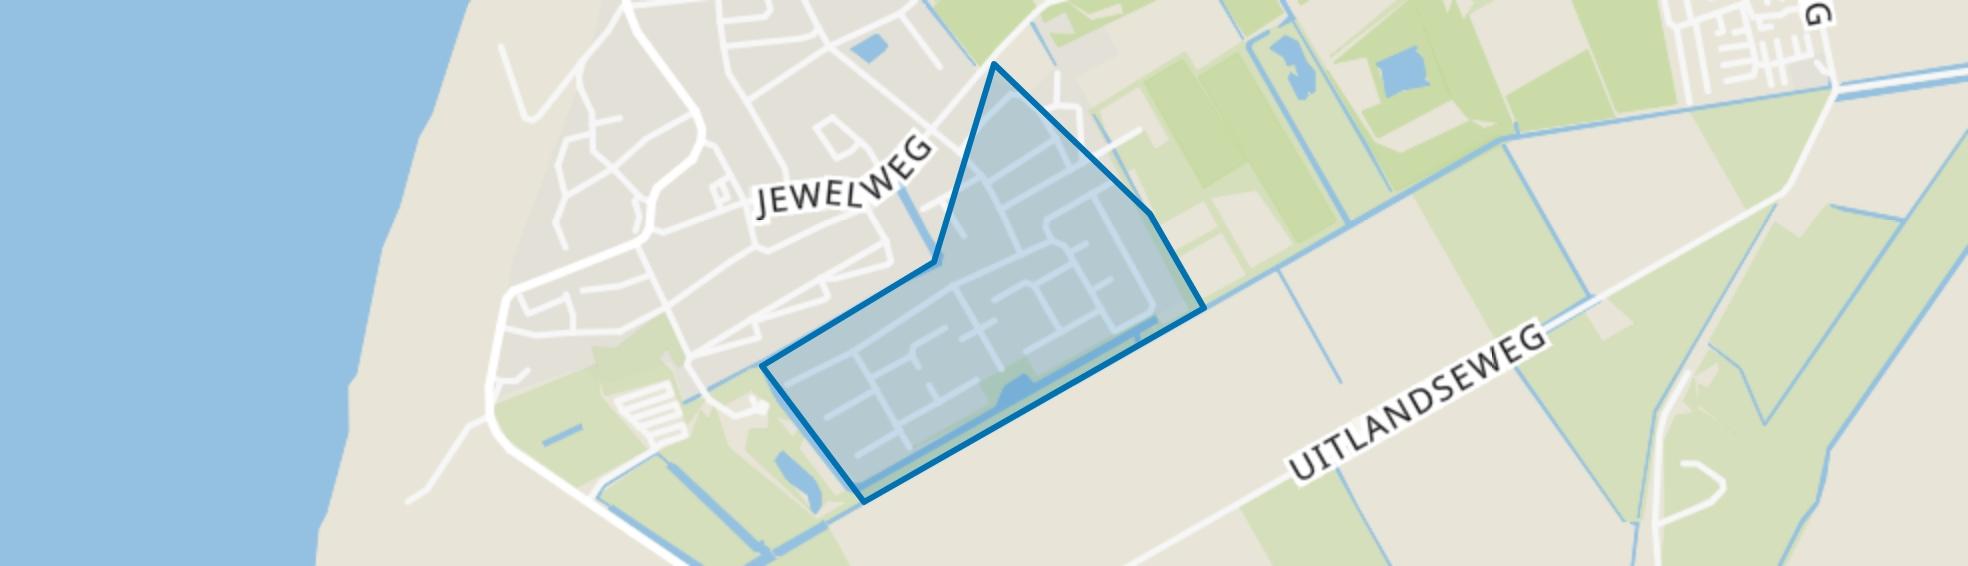 Uyterland, Callantsoog map